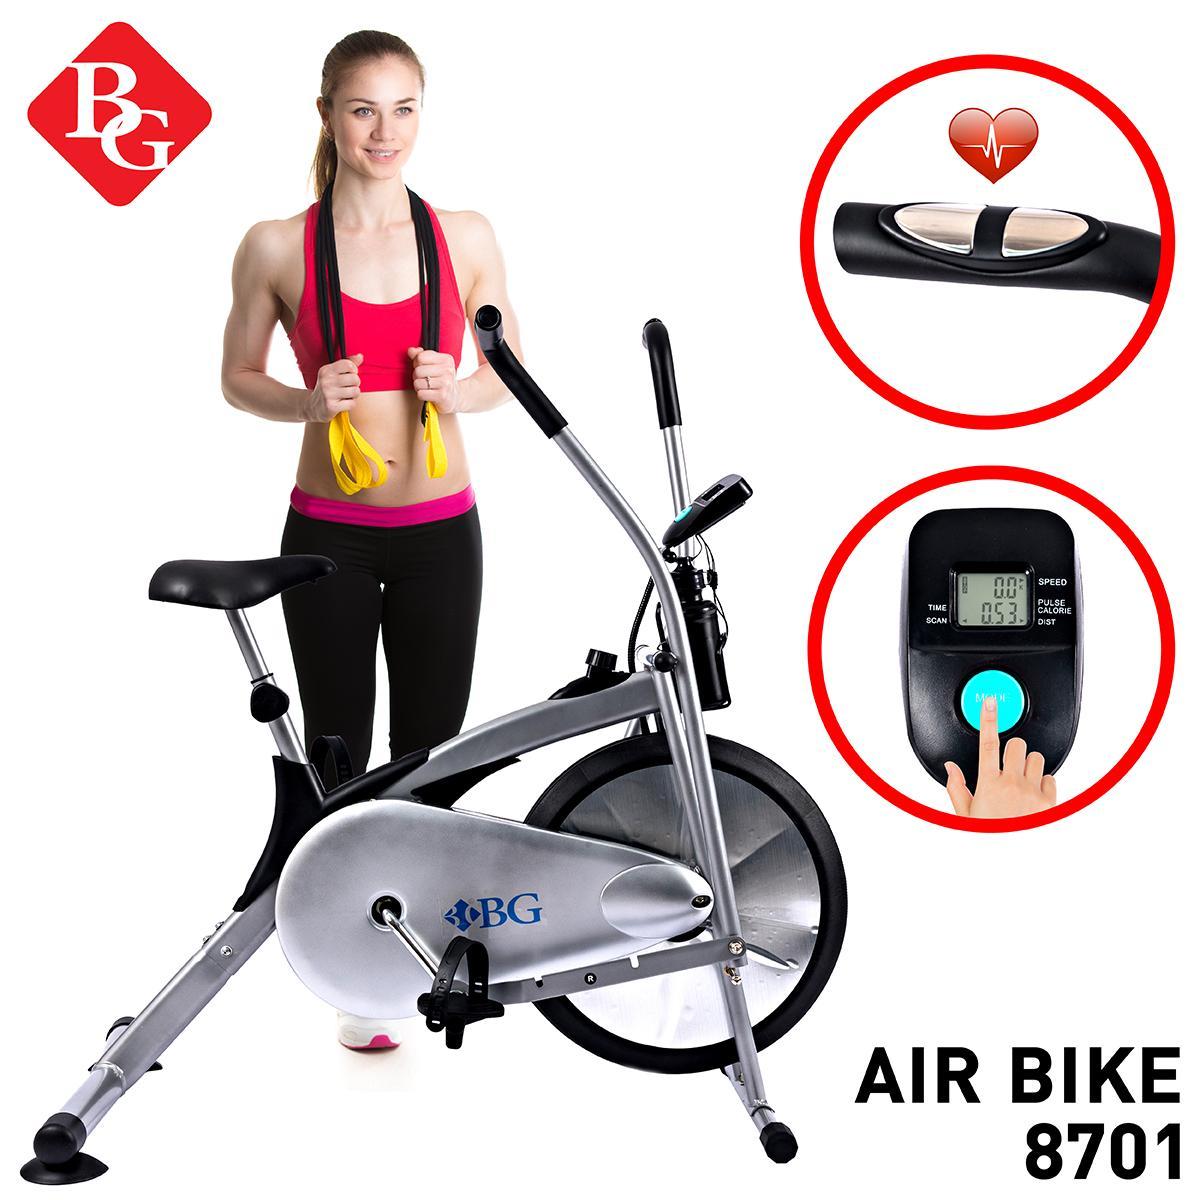 BG - Xe đạp tập thể dục Air bike Mẫu 8701 của năm 2019